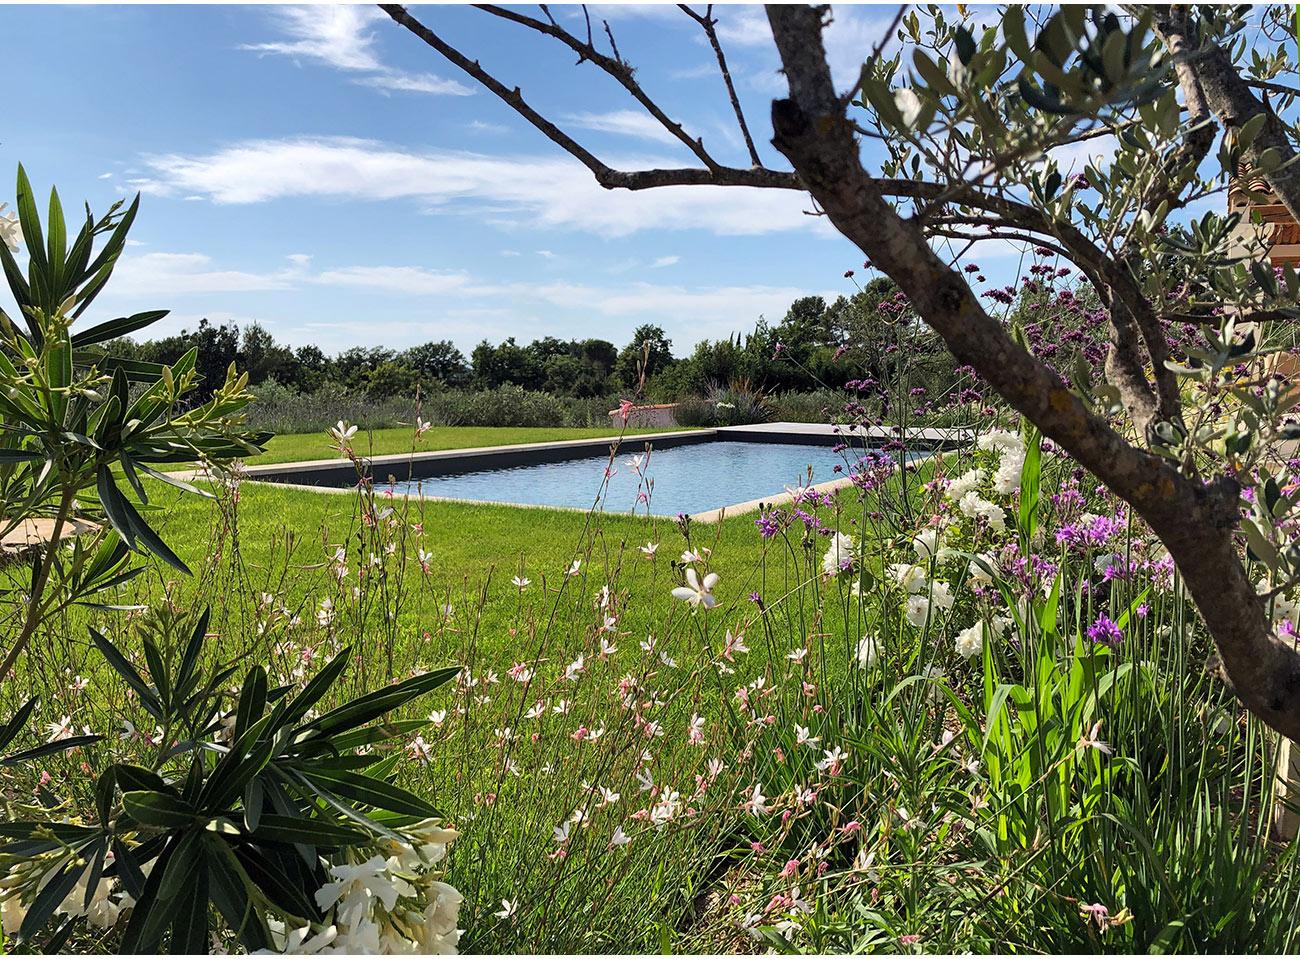 Atelier Naudier - Architecte paysagiste concepteur - Montpellier & Aix en Provence - Jardin et piscine en méditerranée